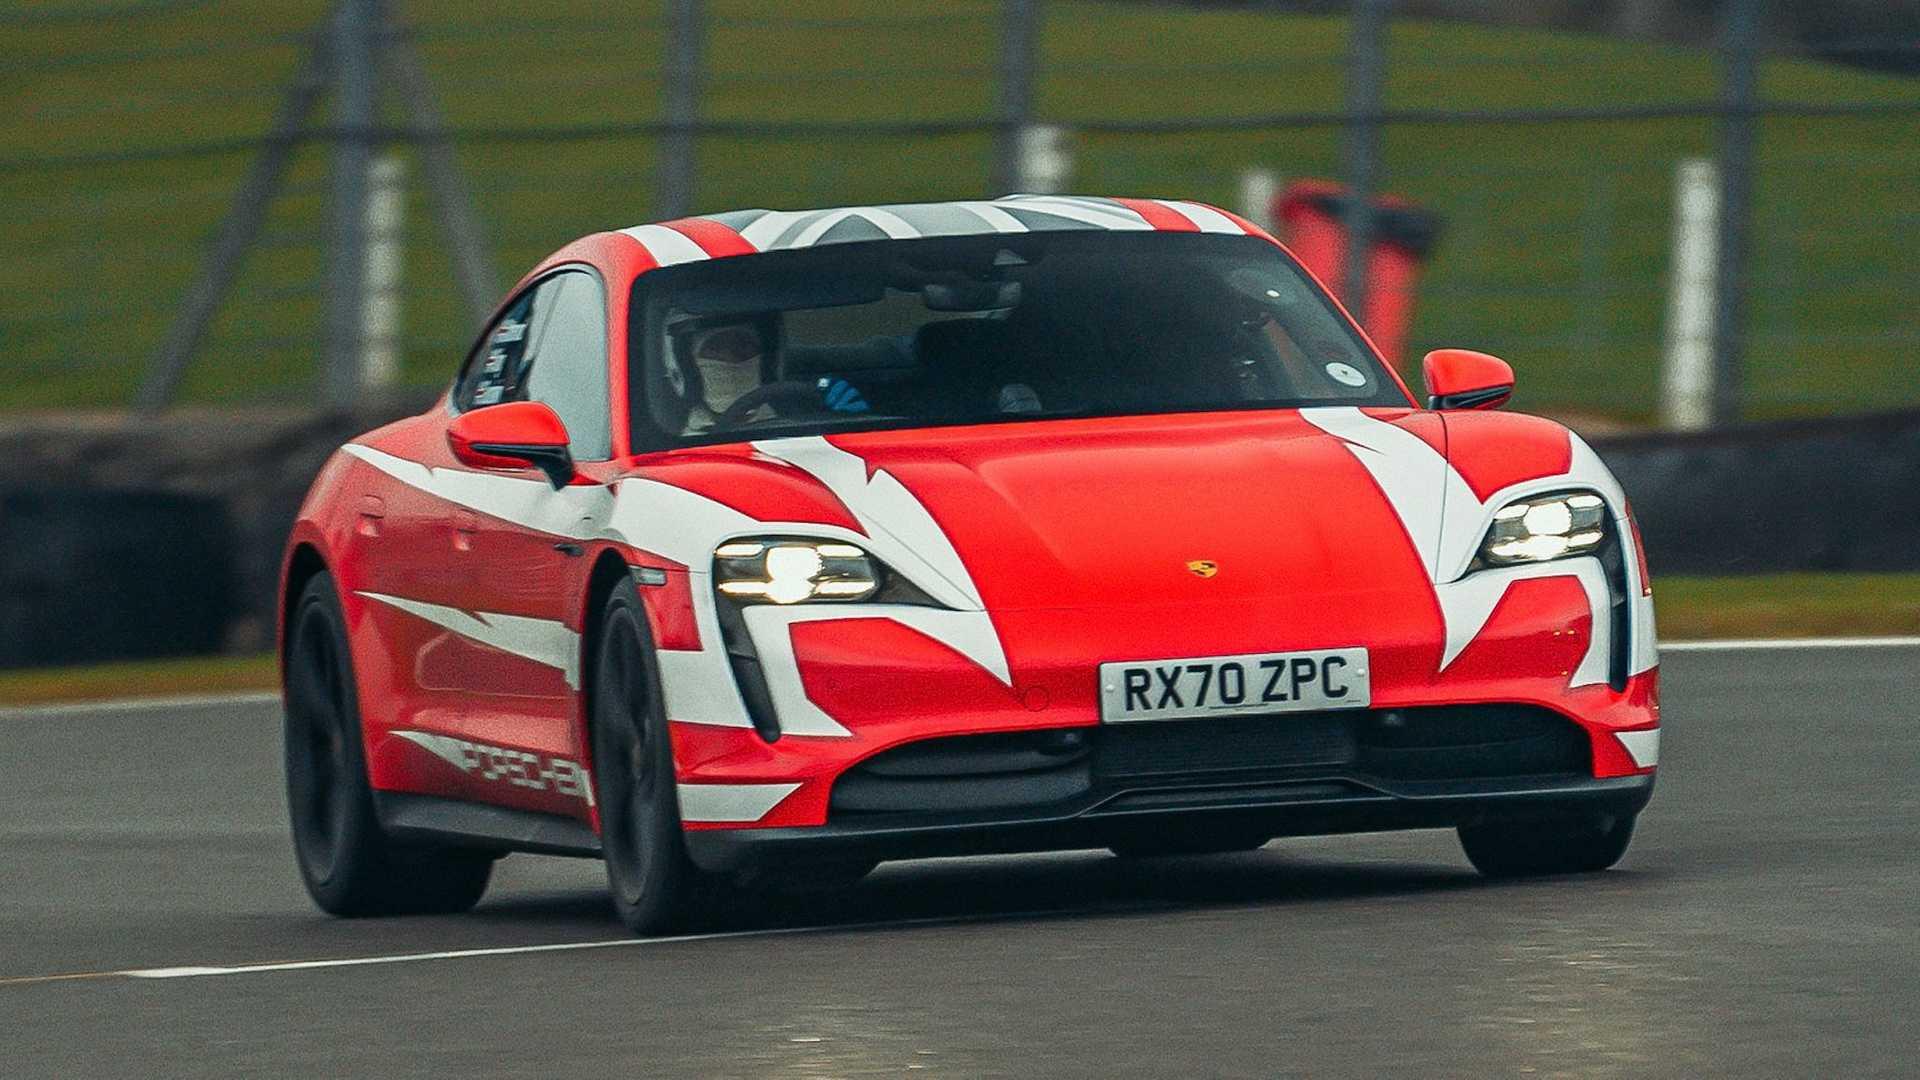 Porsche-Taycan-At-Brands-Hatch-Circuit-5